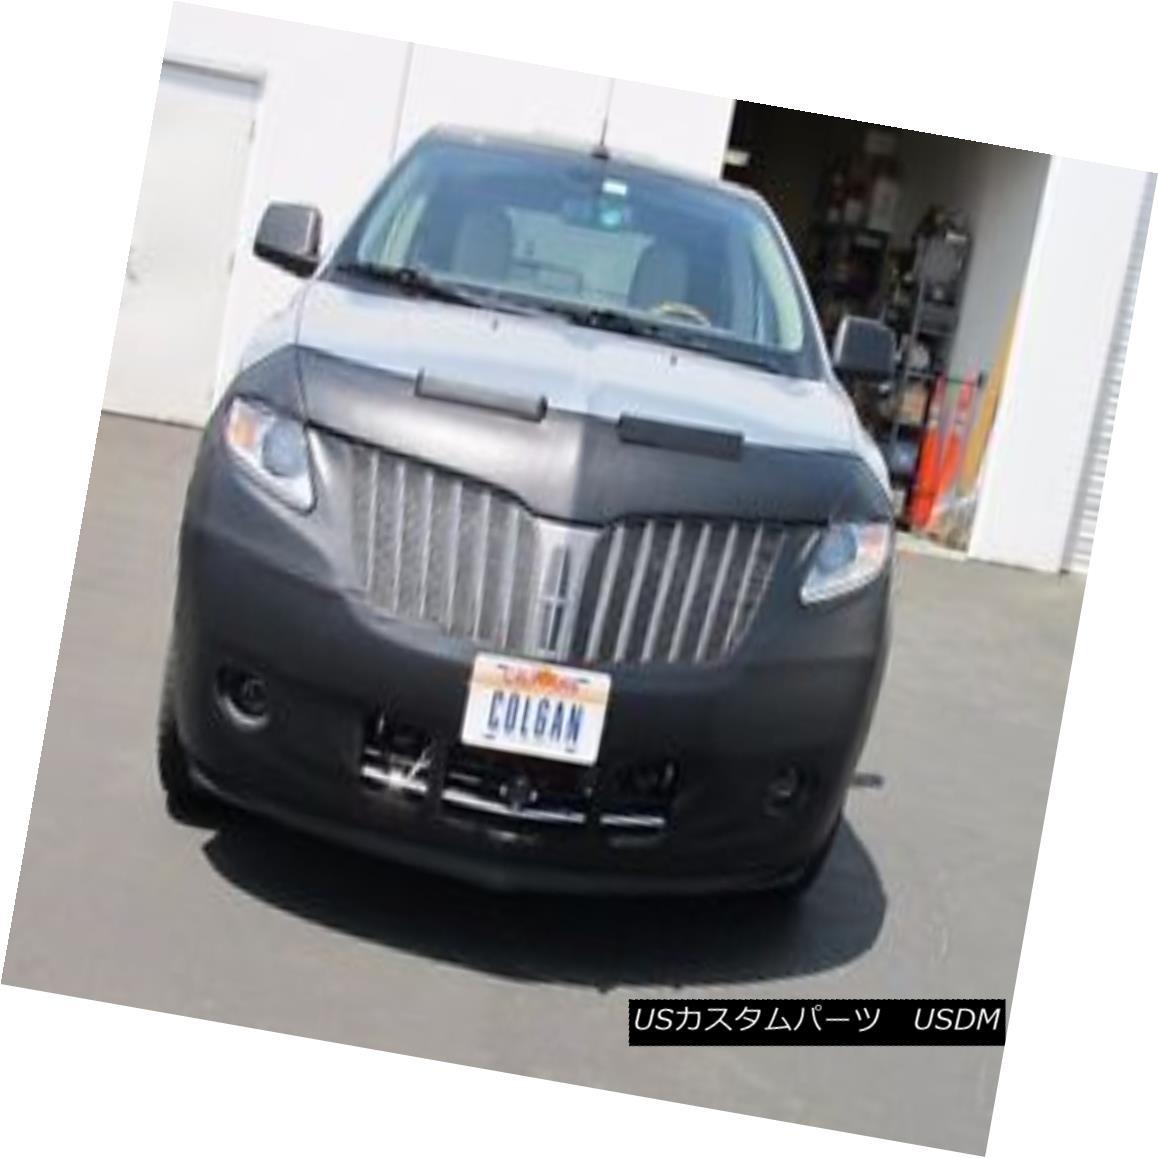 フルブラ ノーズブラ Colgan Front End Mask Bra 2pc. Fits Lincoln MKX 2011-2015 Without License Plate コルガンフロントエンドマスクブラ2pc ライセンスプレートなしのLincoln MKX 2011-2015に適合